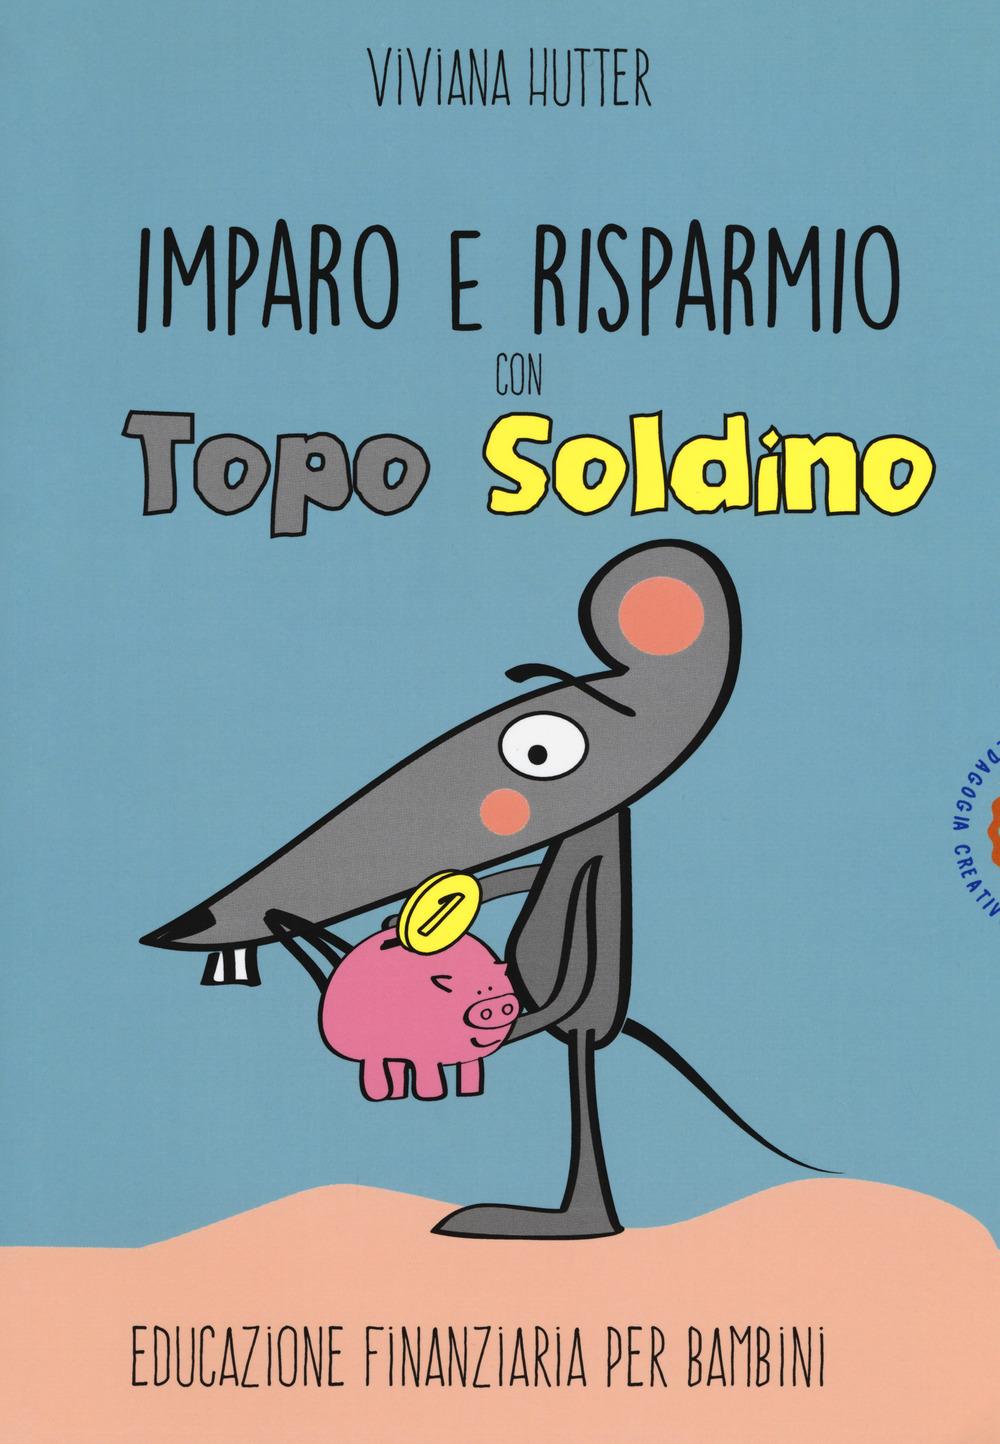 IMPARO E RISPARMIO CON TOPO SOLDINO. EDUCAZIONE FINANZIARIA PER BAMBINI - 9788898538928